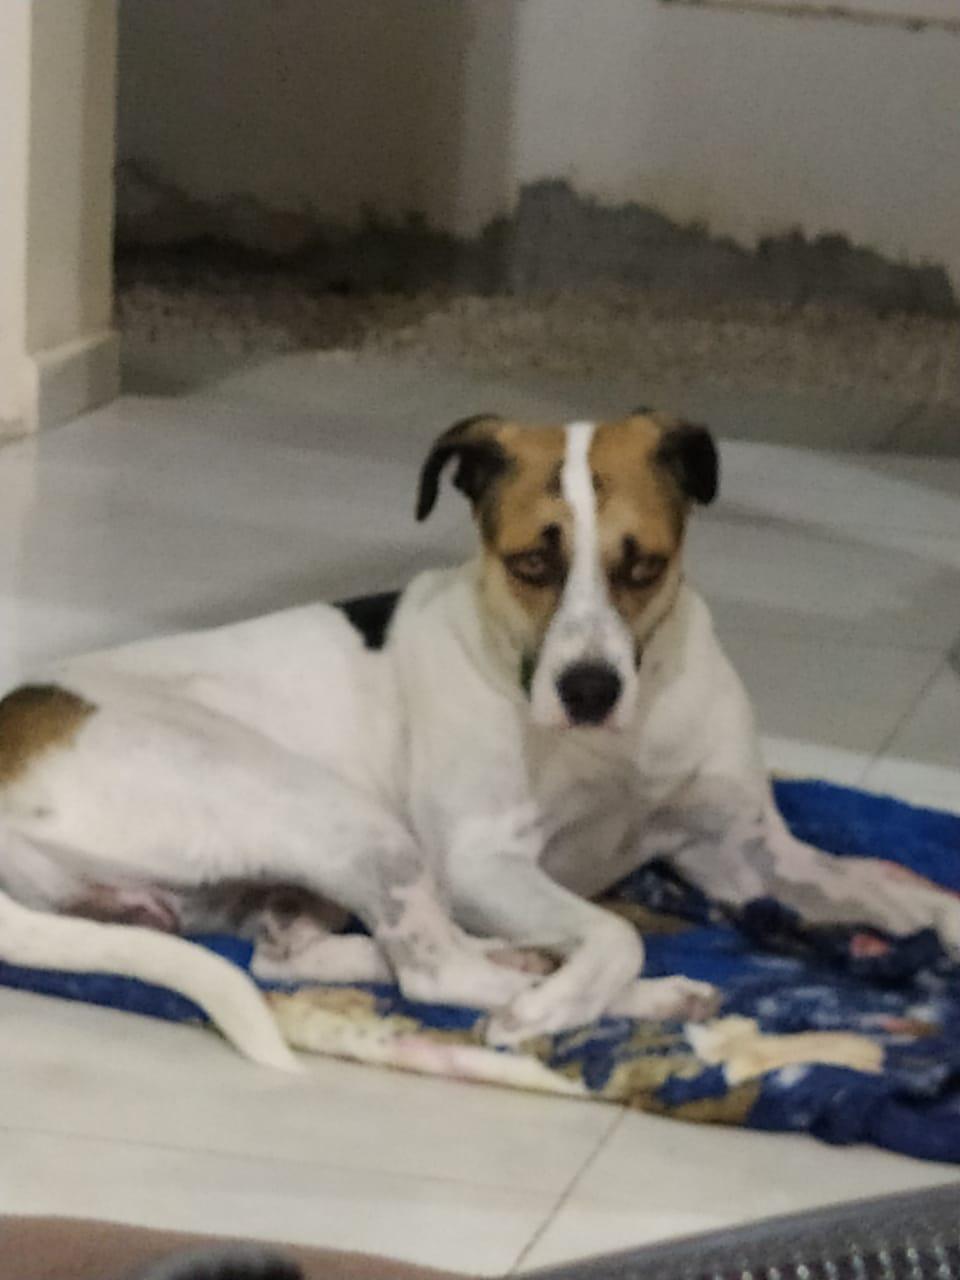 Senado aprova pena de até 5 anos para quem maltratar cães e gatos